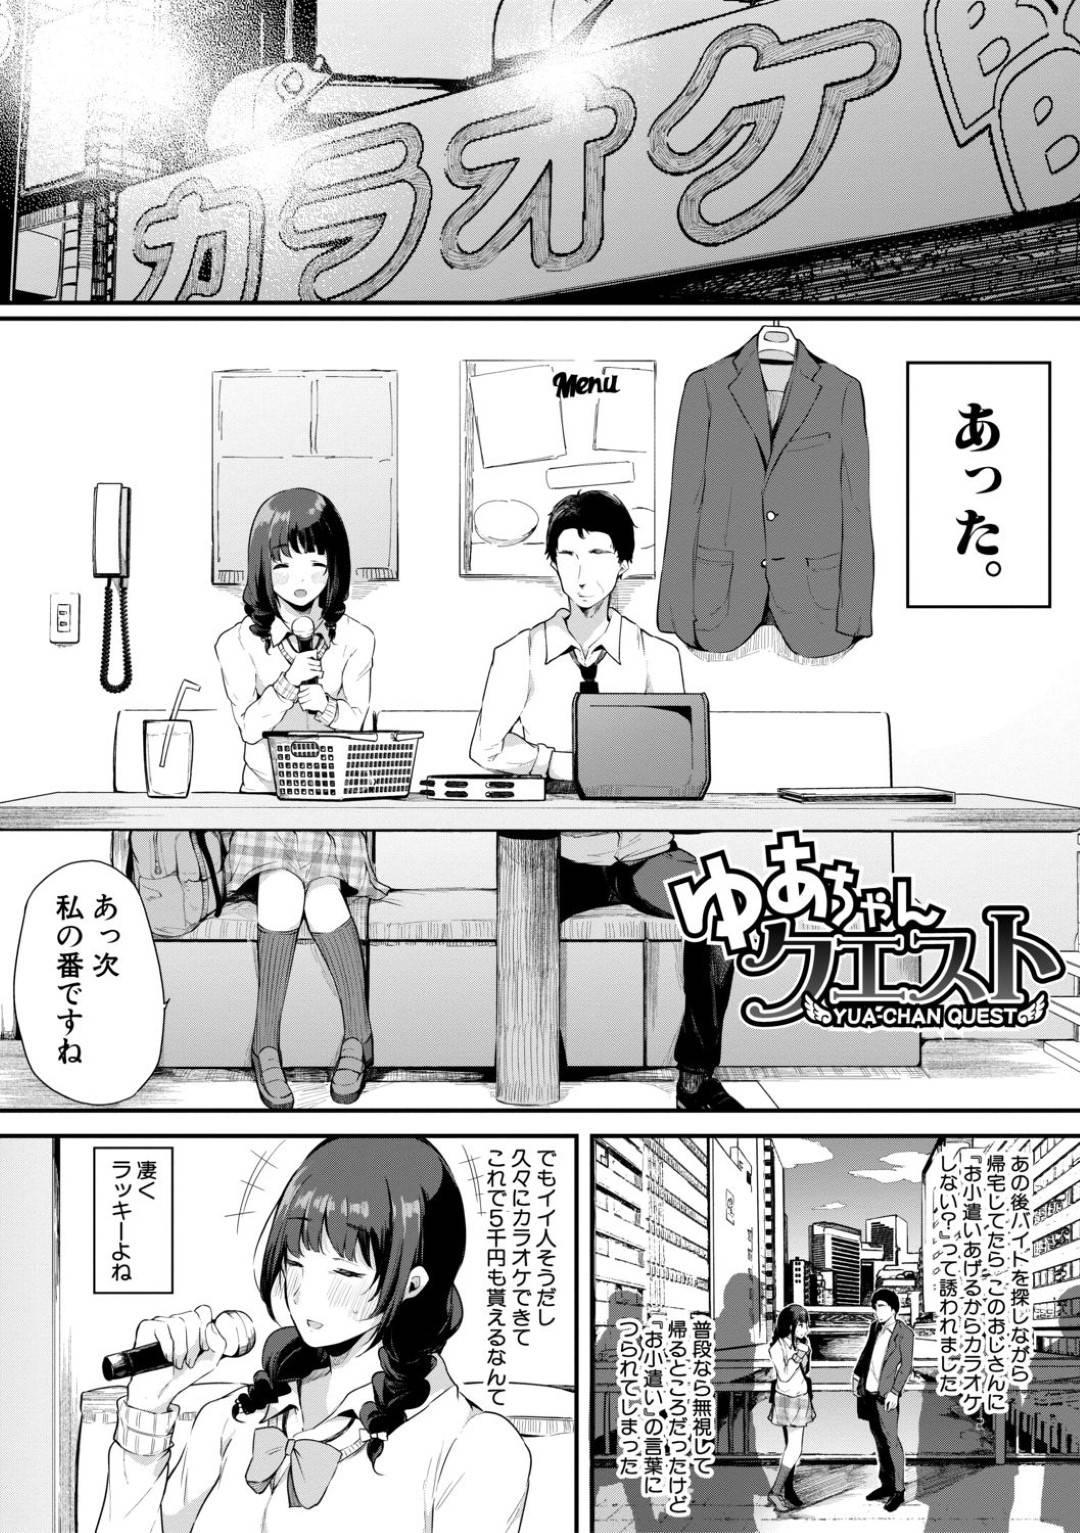 【エロ漫画】好きな人にプレゼントを買いたくてお小遣い稼ぎを頑張る女子高生...お小遣い稼ぎのために知らない男とホテルで初めてなのに中出しセックス【Sakurayu Haru:ゆあちゃんクエスト】